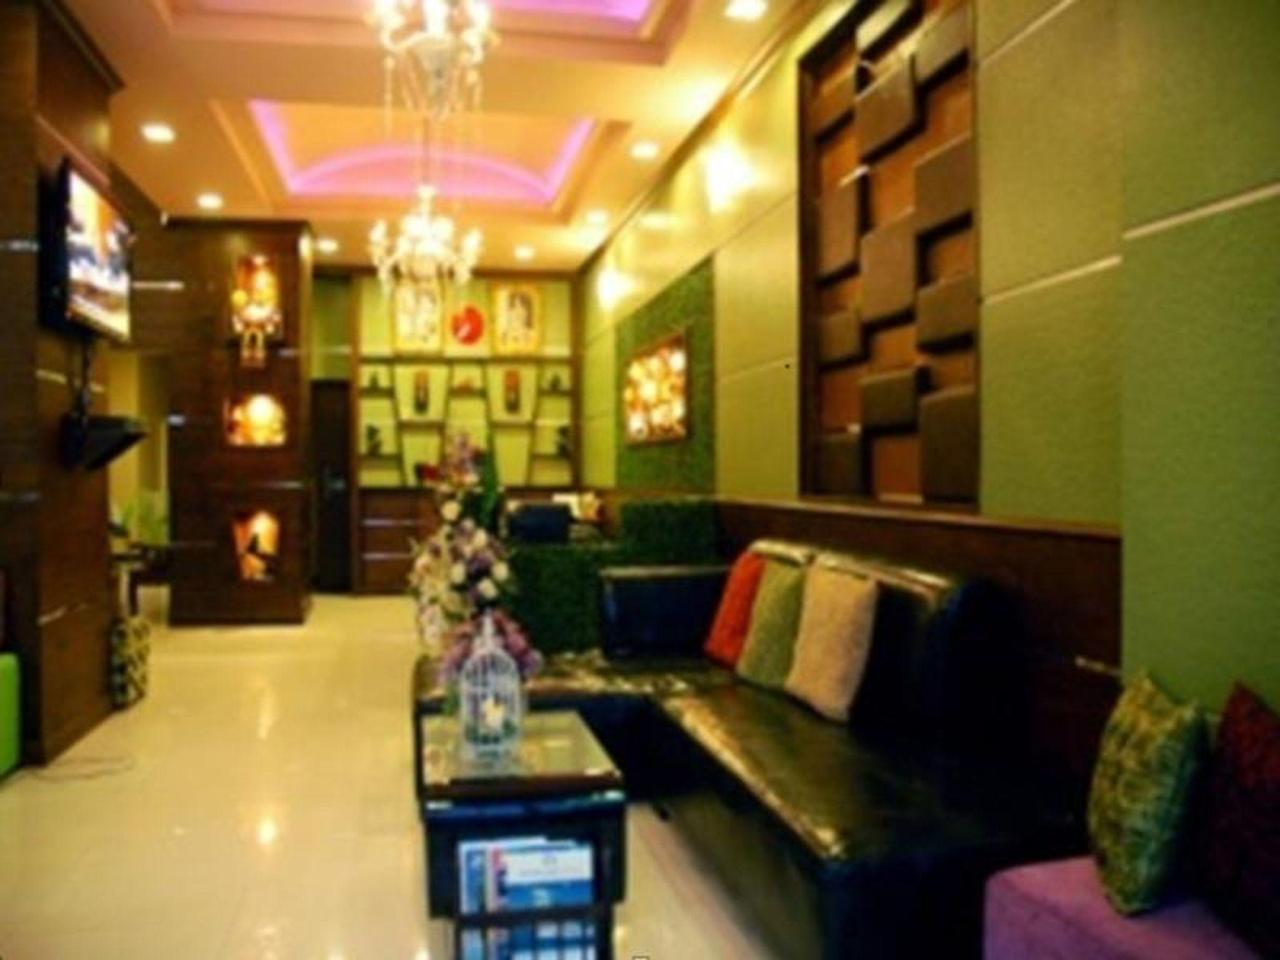 โรงแรมเอ แมนชั่น (A Mansion Hotel)